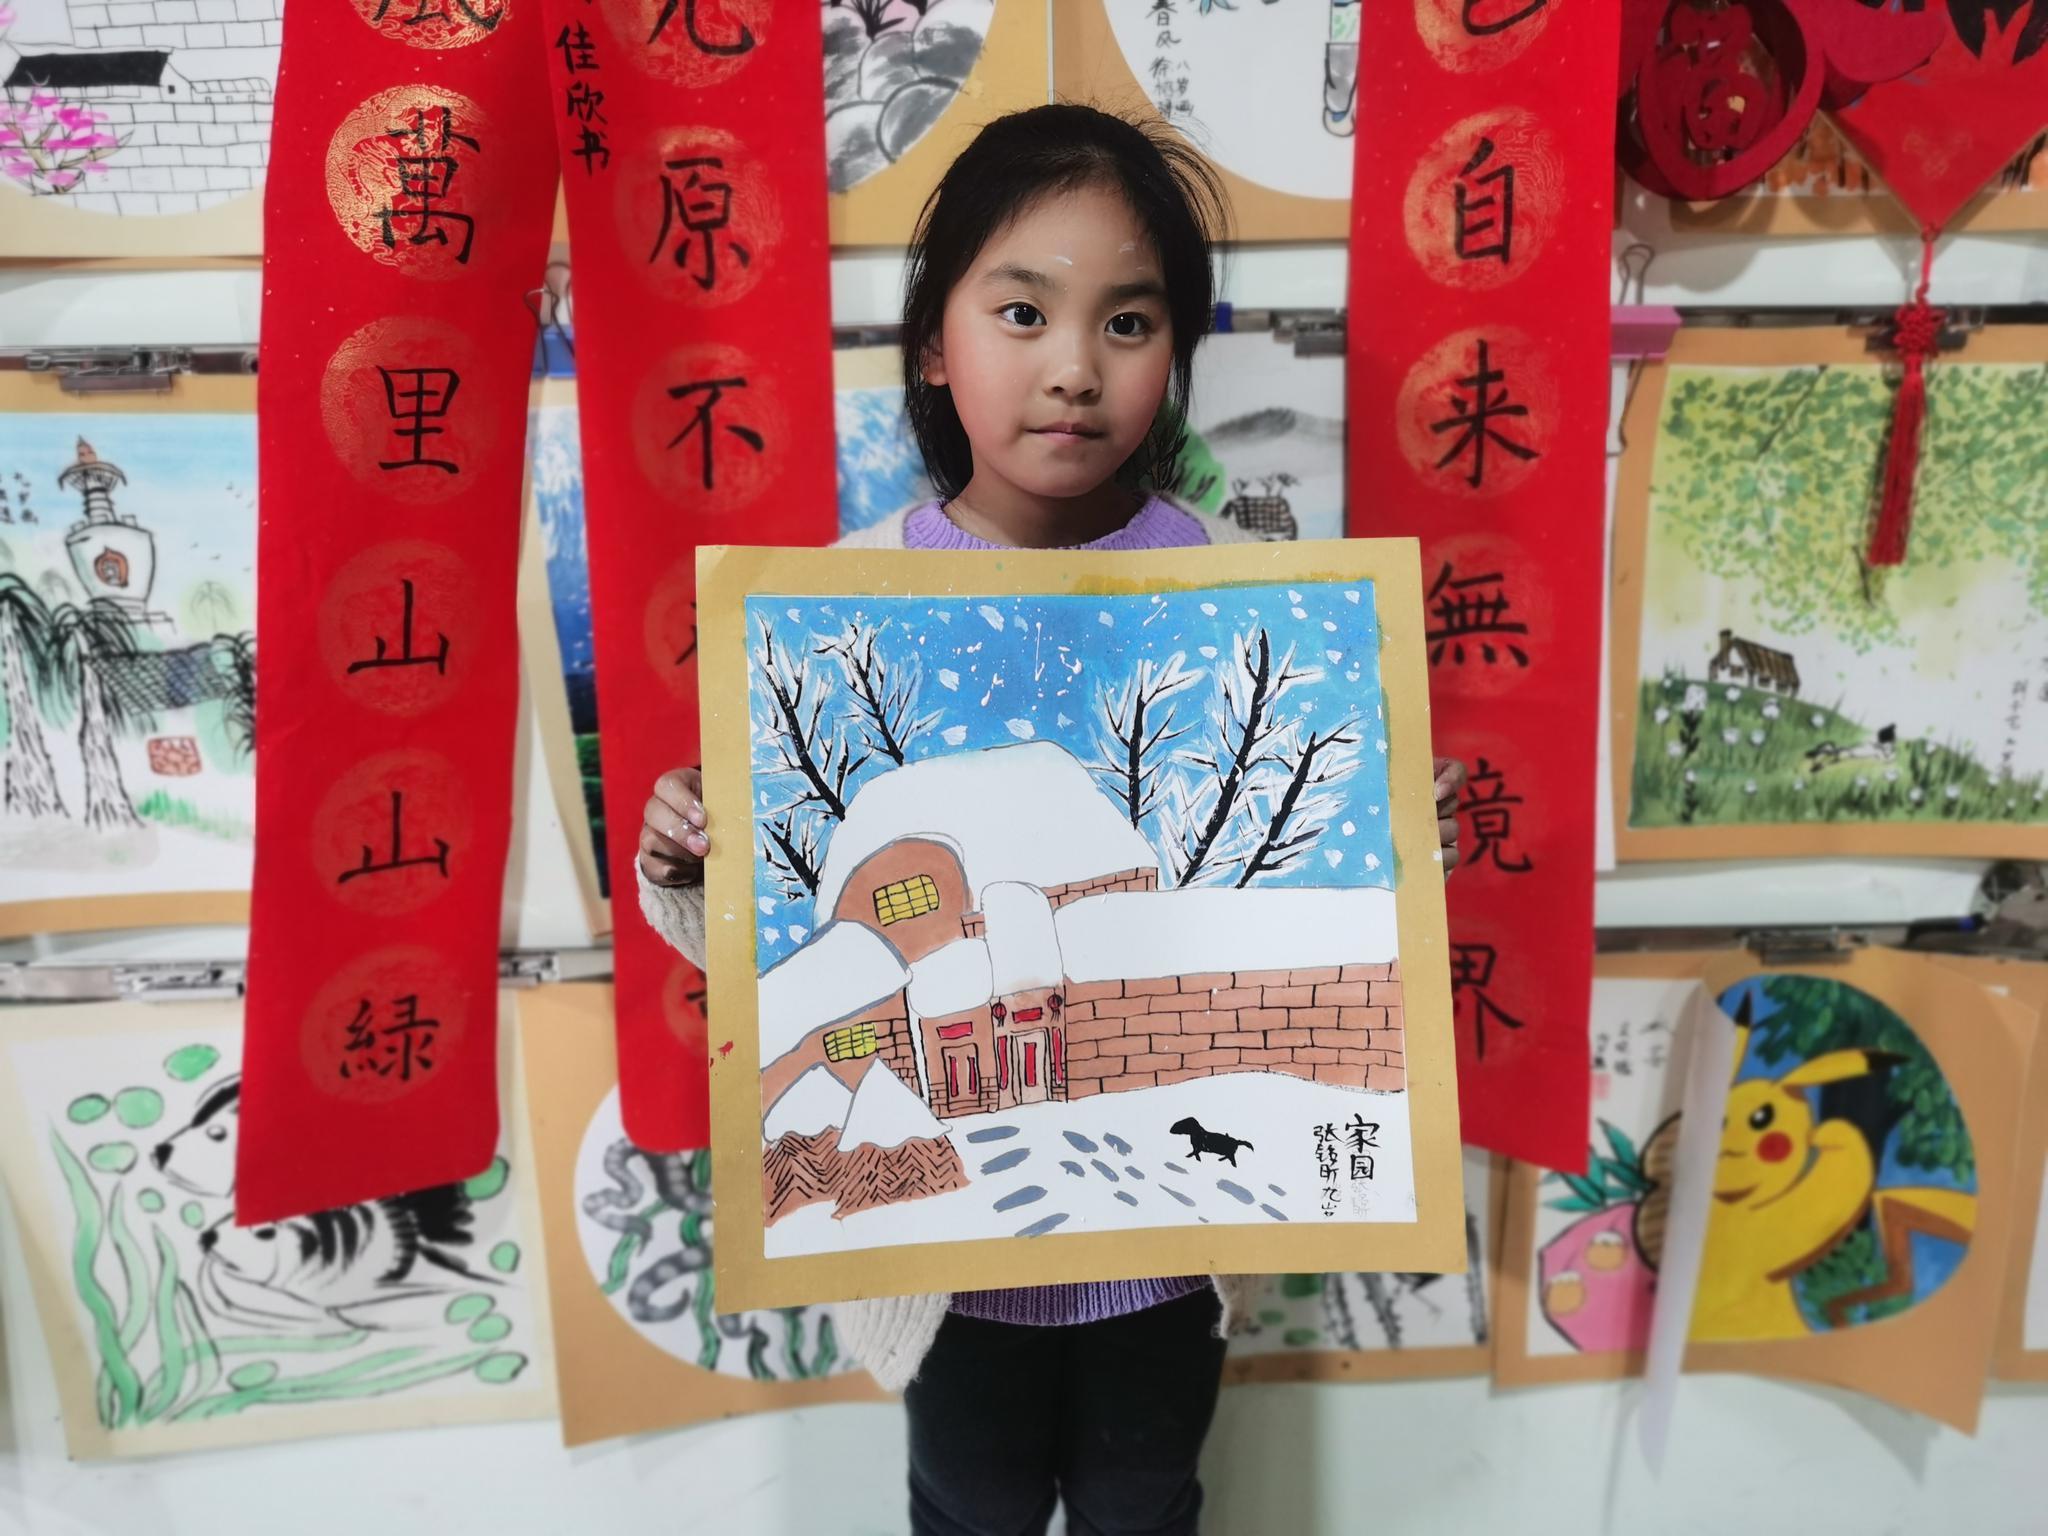 扬州画派书画院成立于2002年……